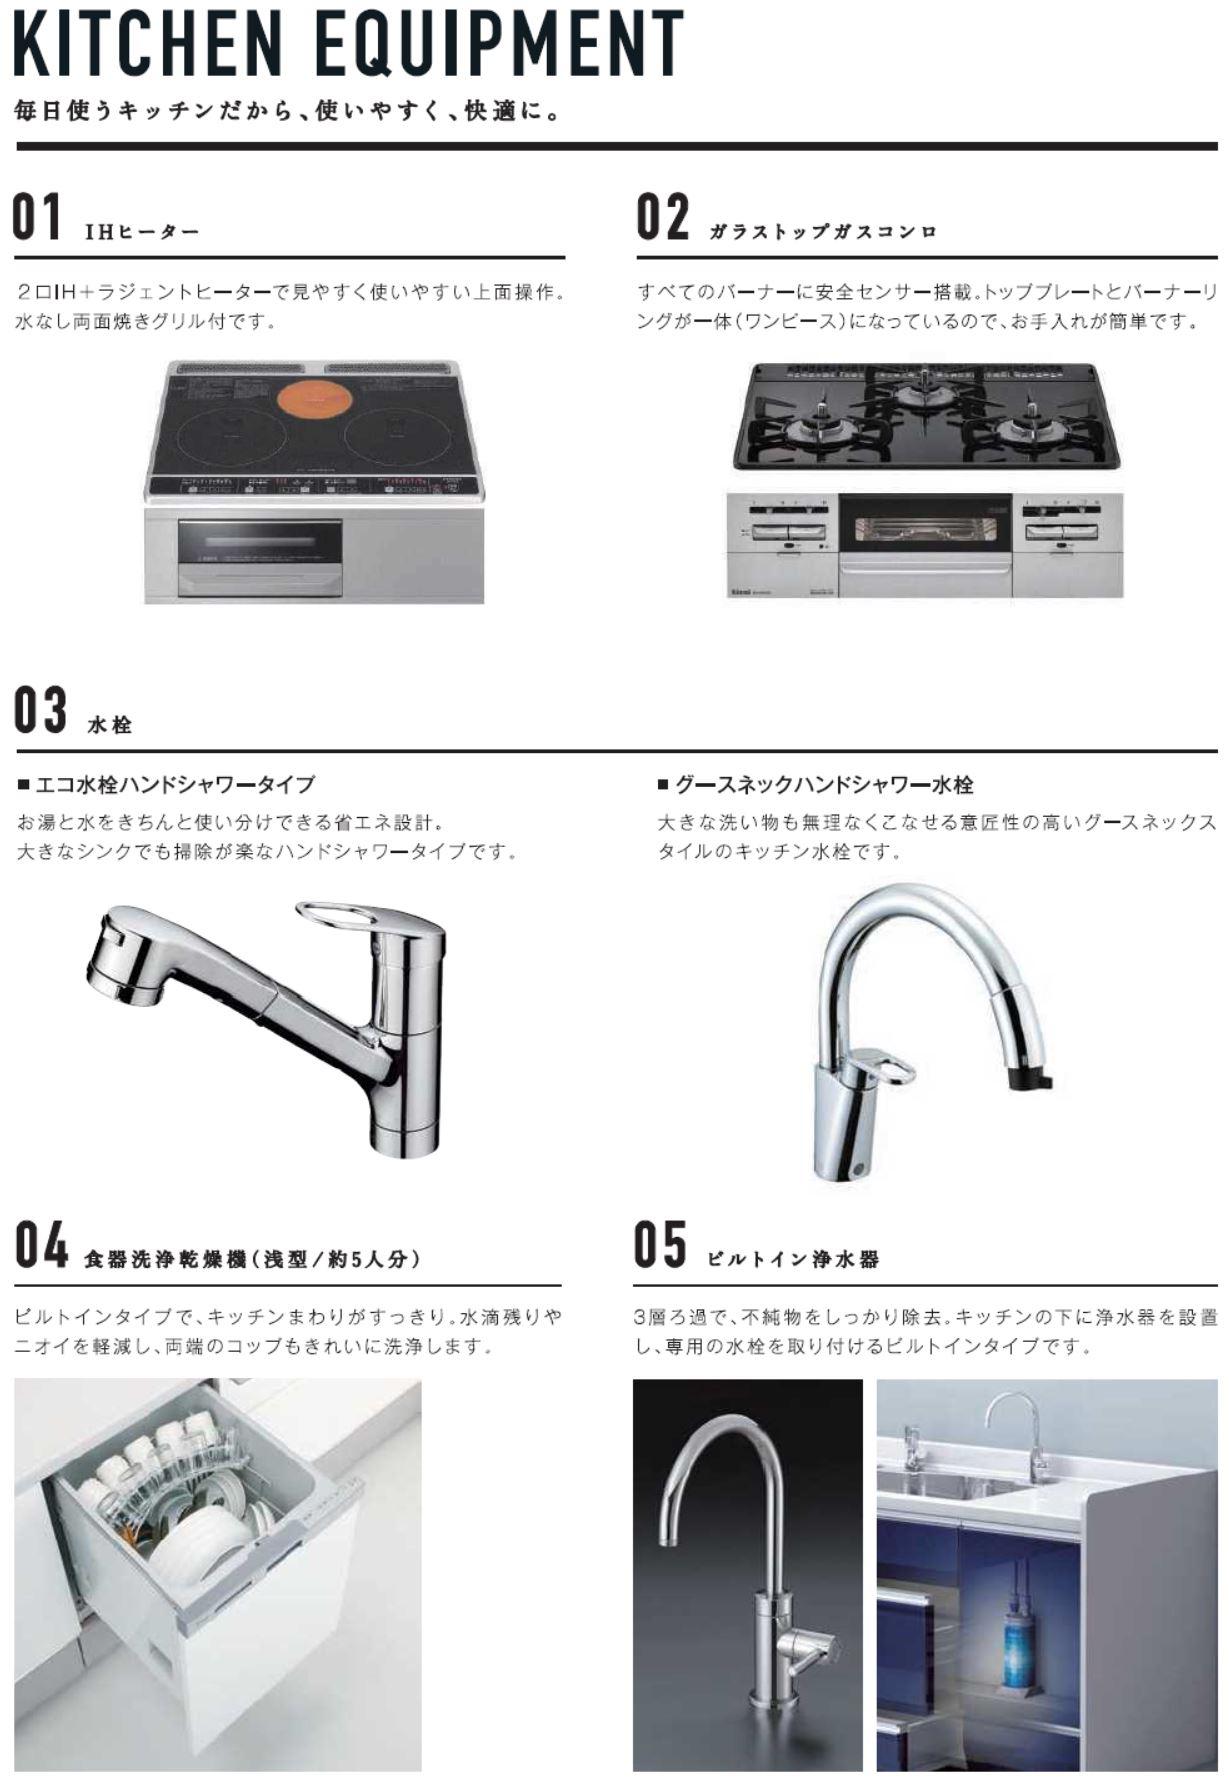 キッチンの標準設備